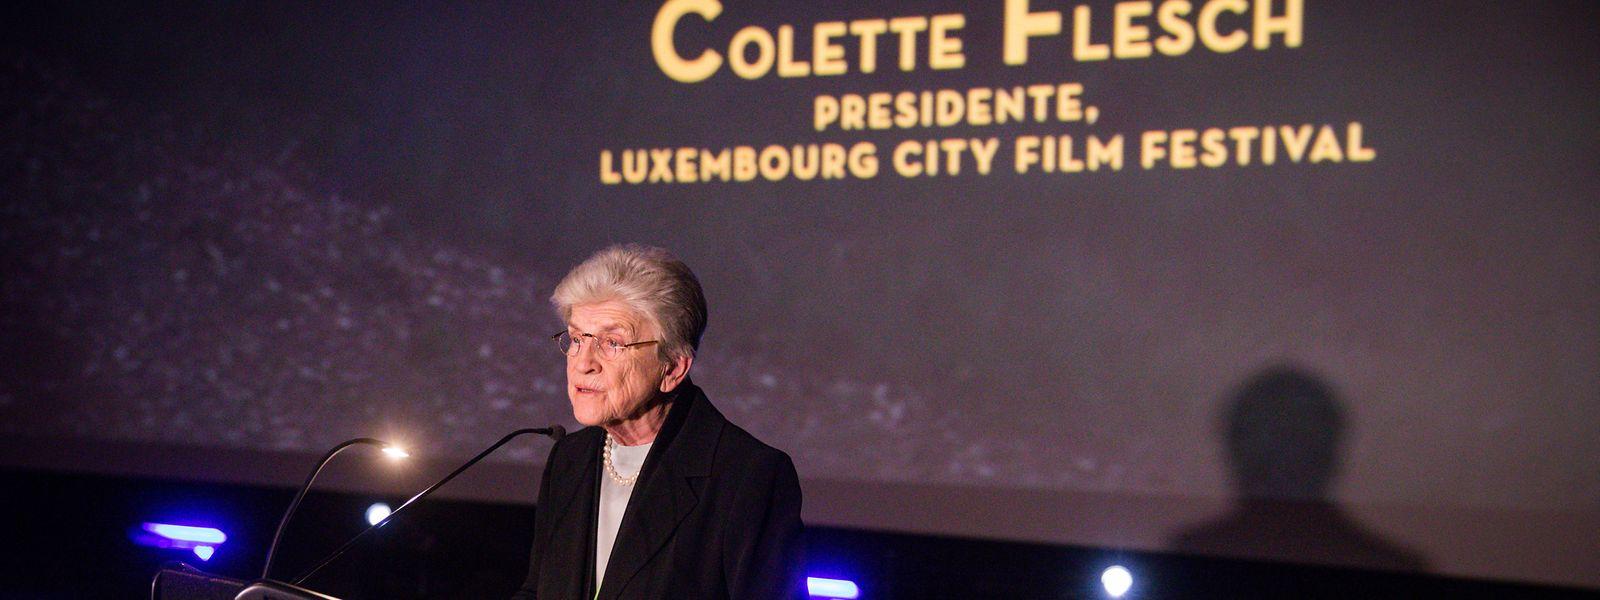 Colette Flesch gab im Rahmen der Eröffnung ihren Rückzug als Präsidentin der Festival-Asbl bekannt.